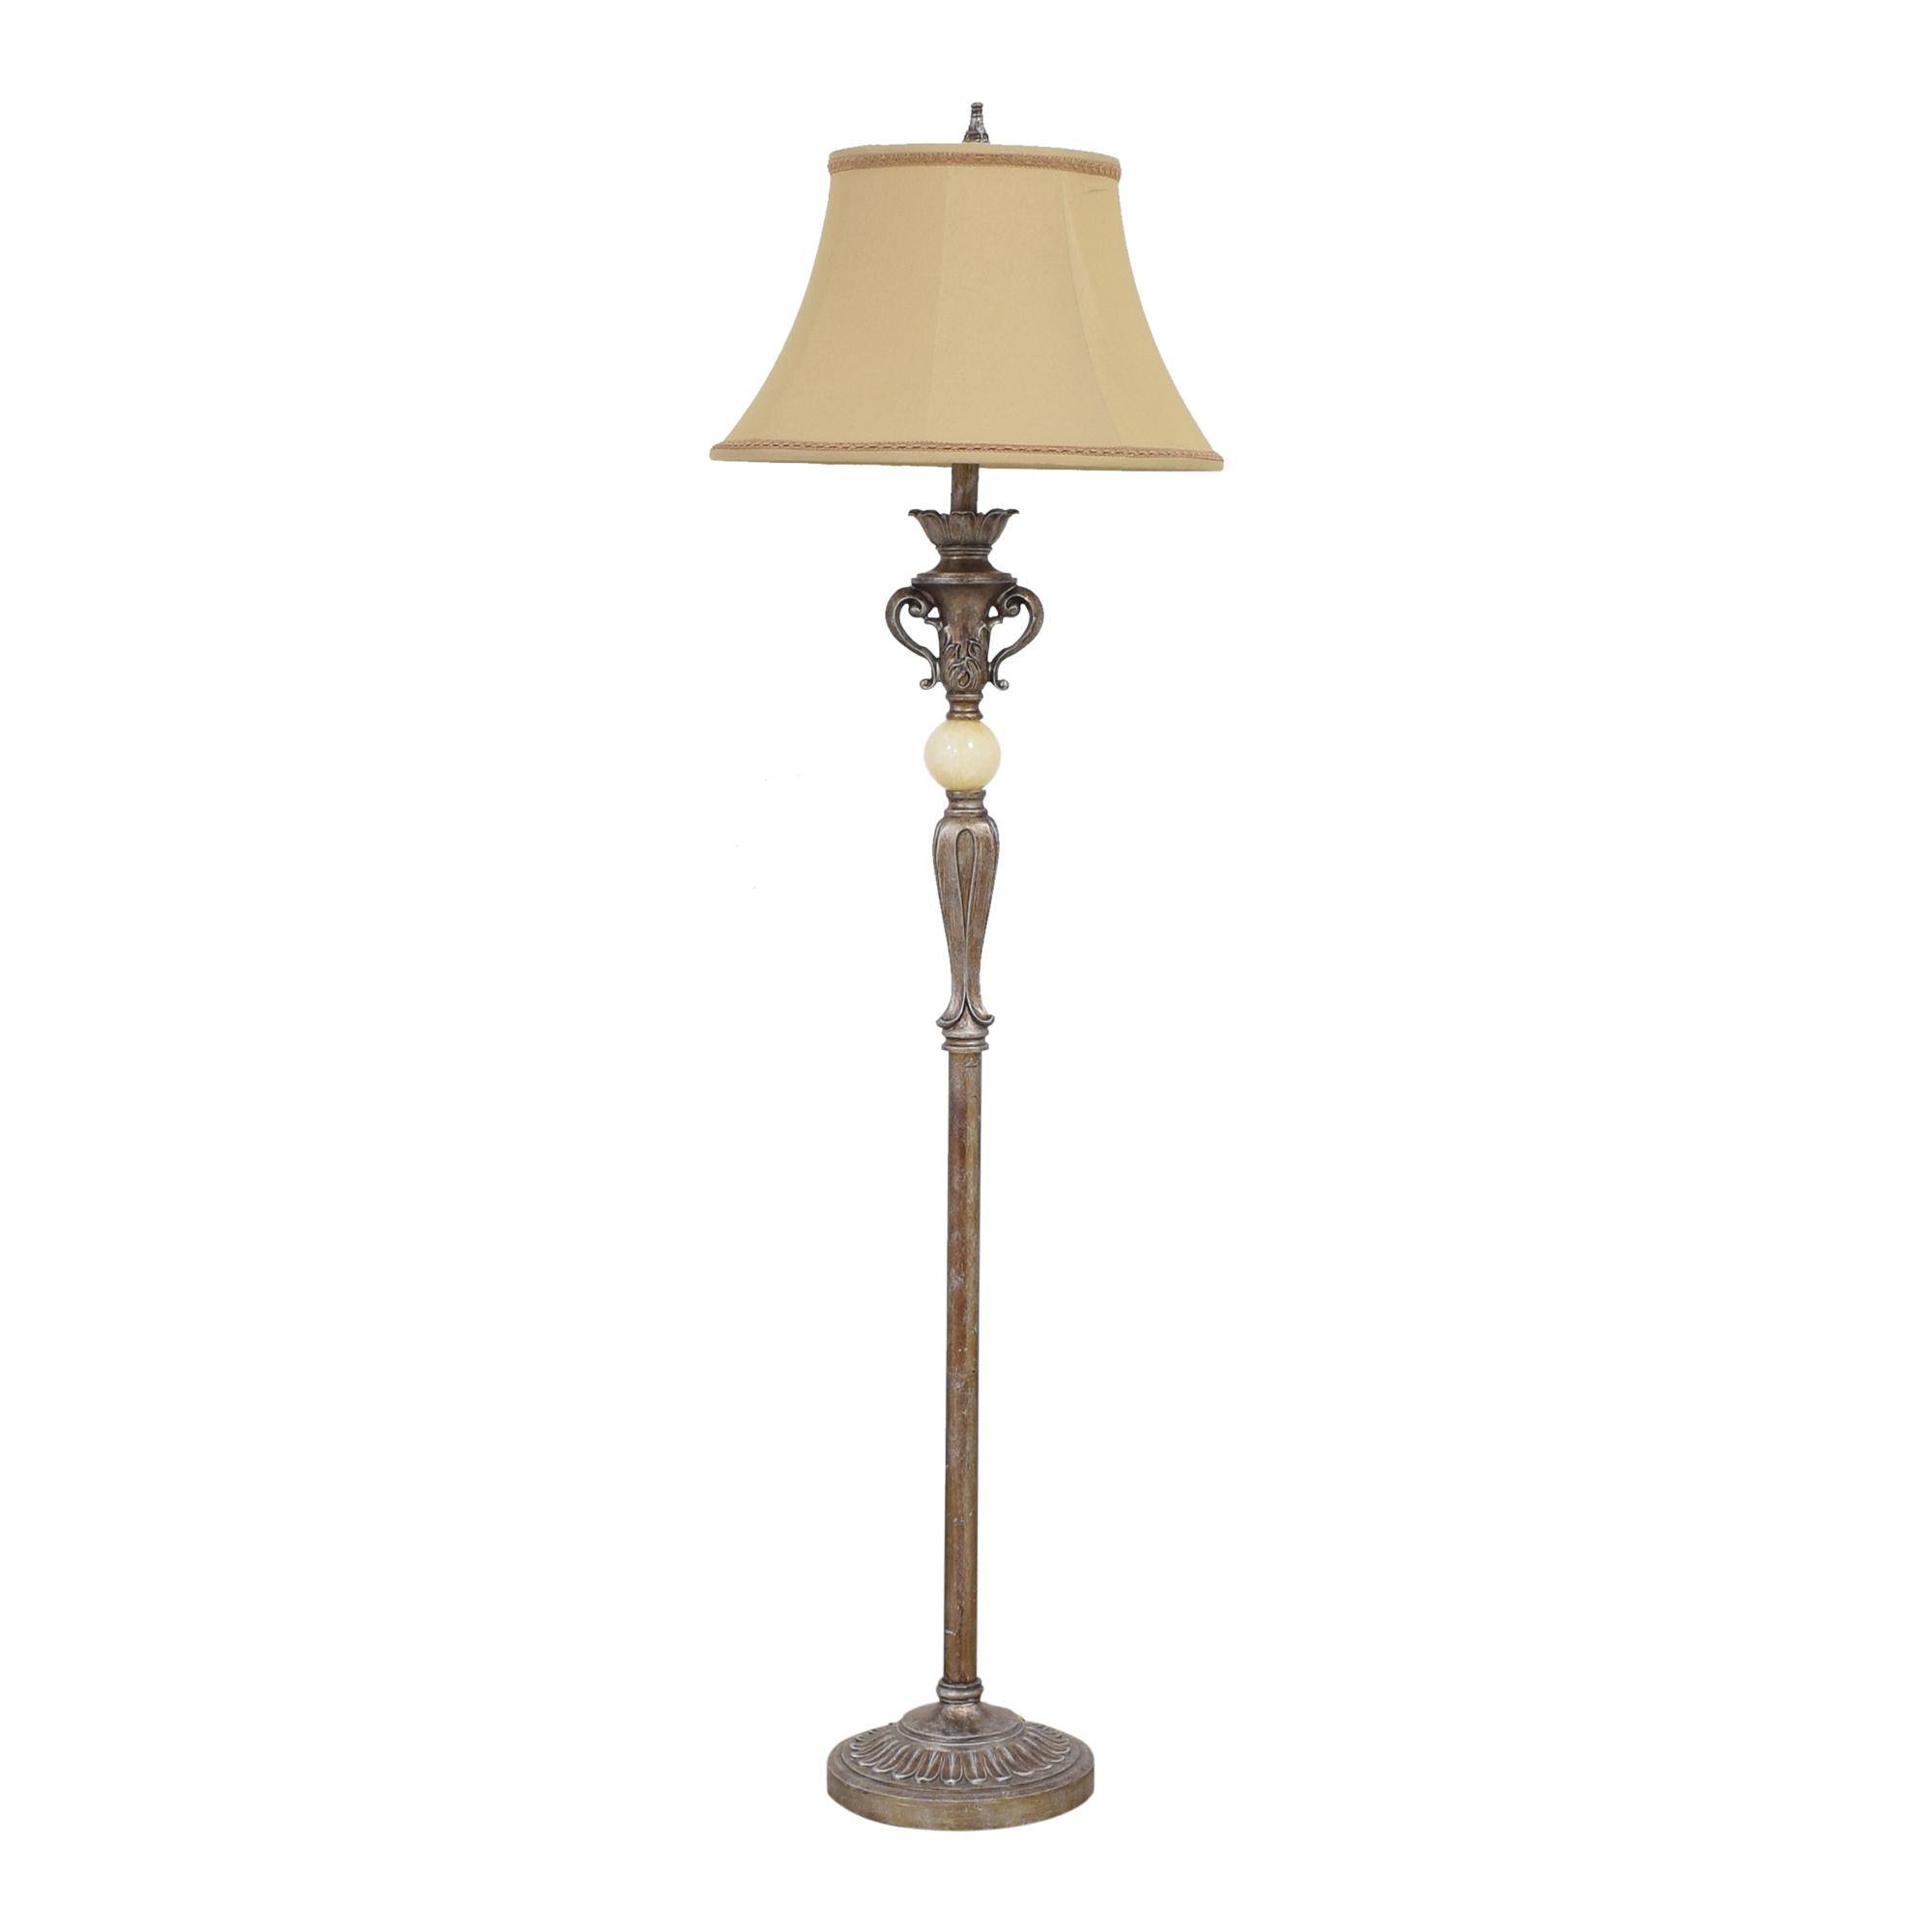 Ethan Allen Ethan Allen Floor Lamp used